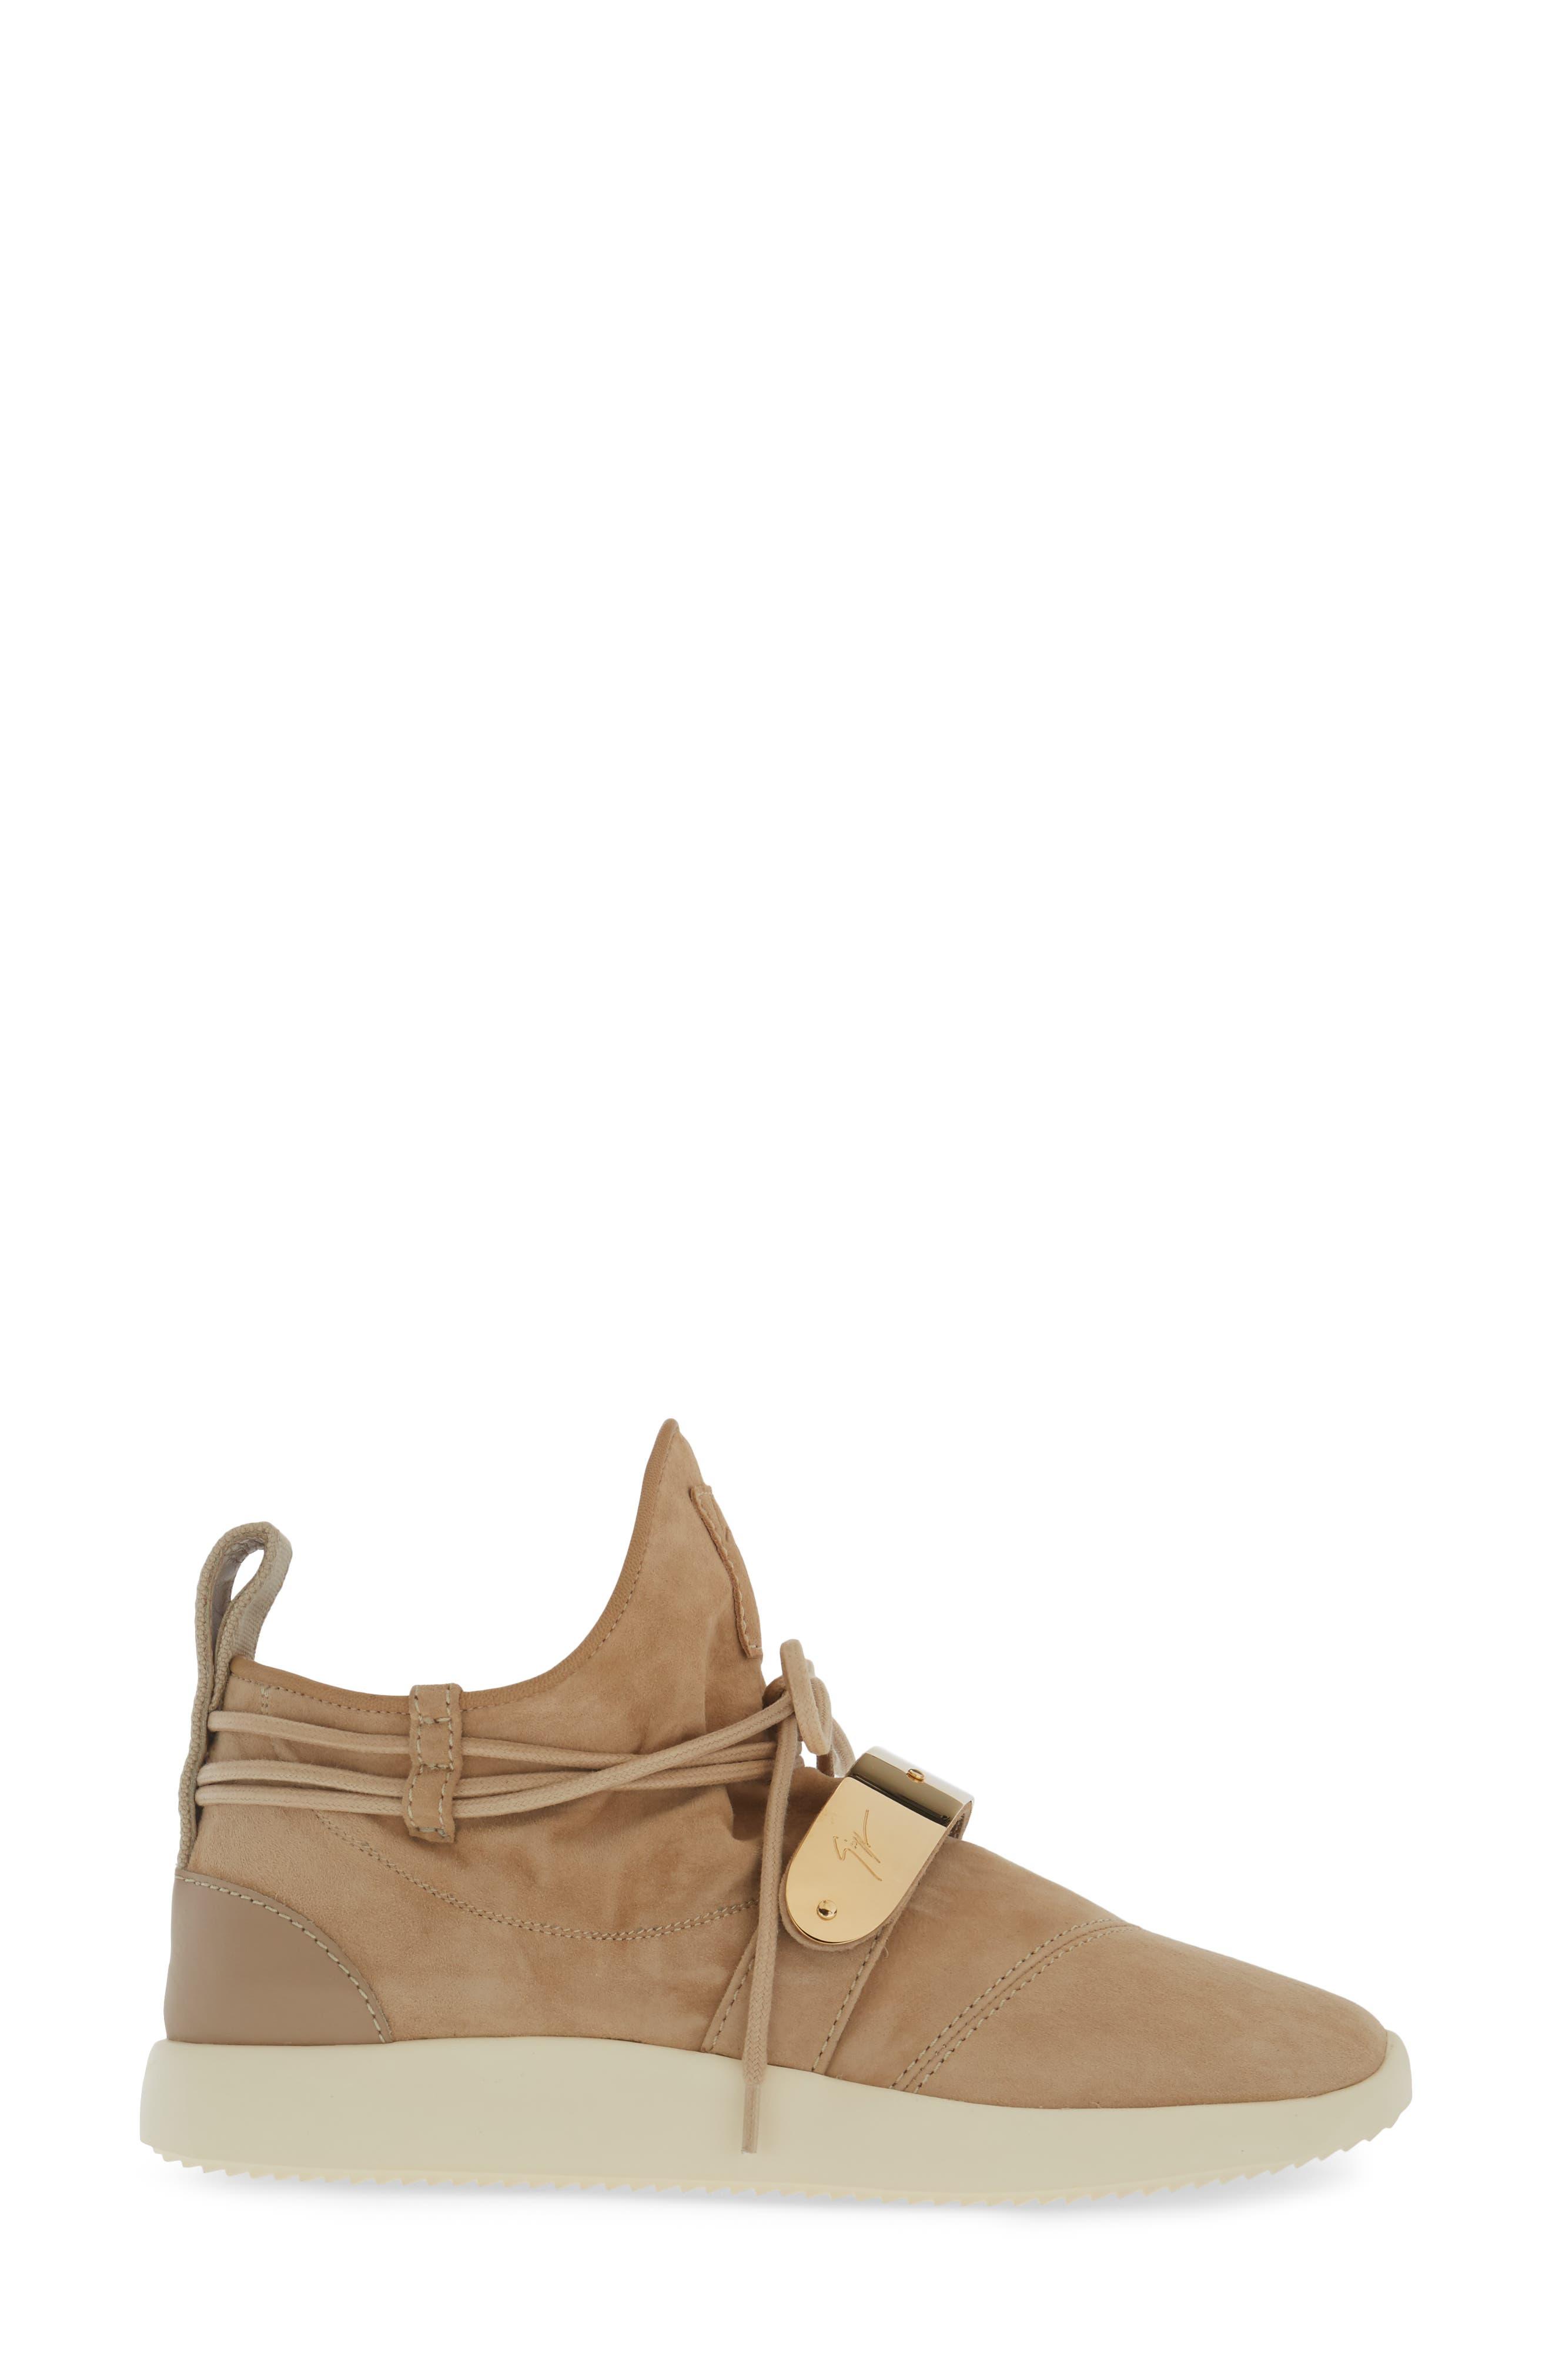 Alternate Image 3  - Giuseppe Zanotti Gold Band Sneaker (Women)